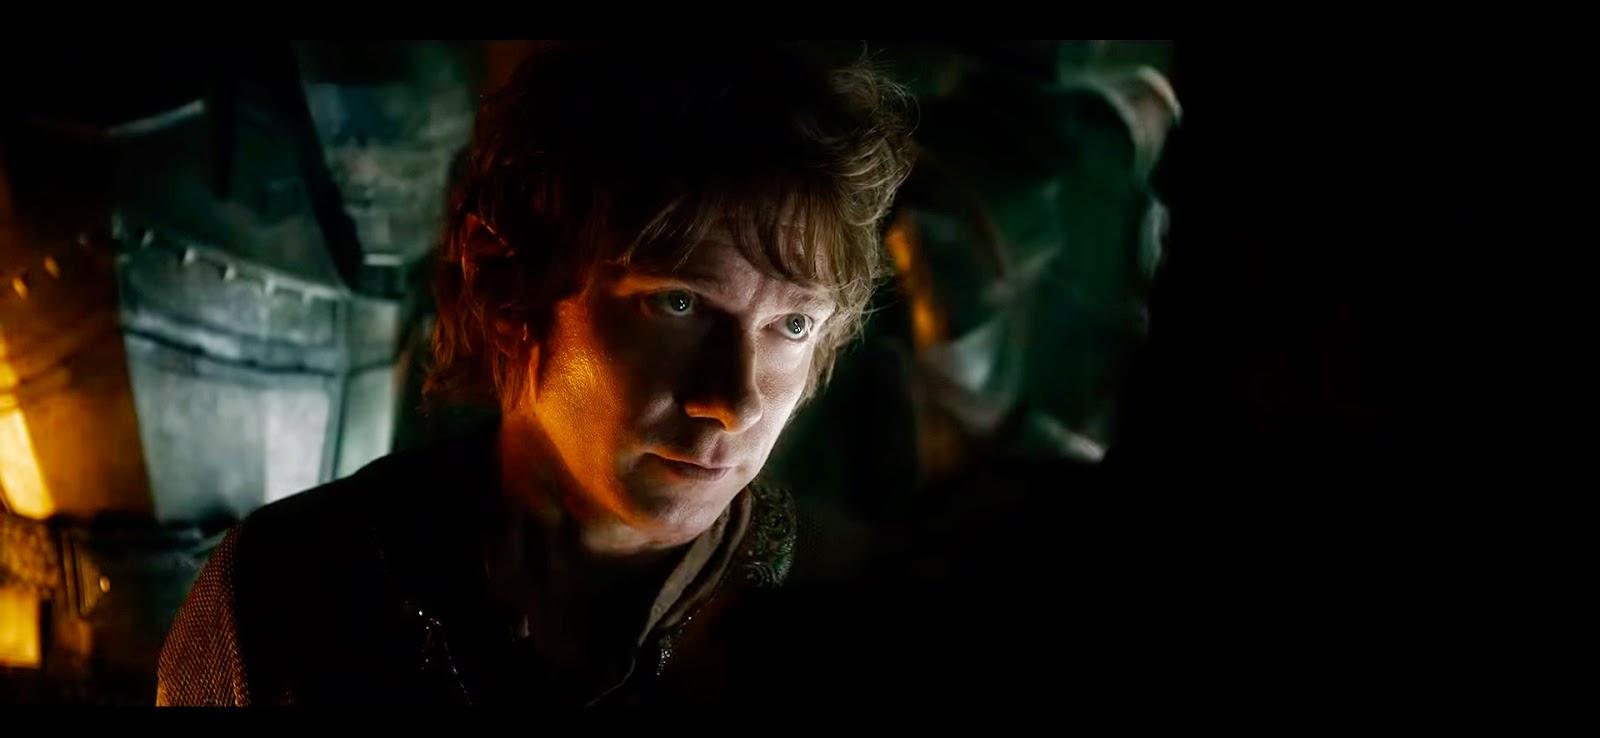 Bilbo intentando apelar al buen corazón de Thorin.